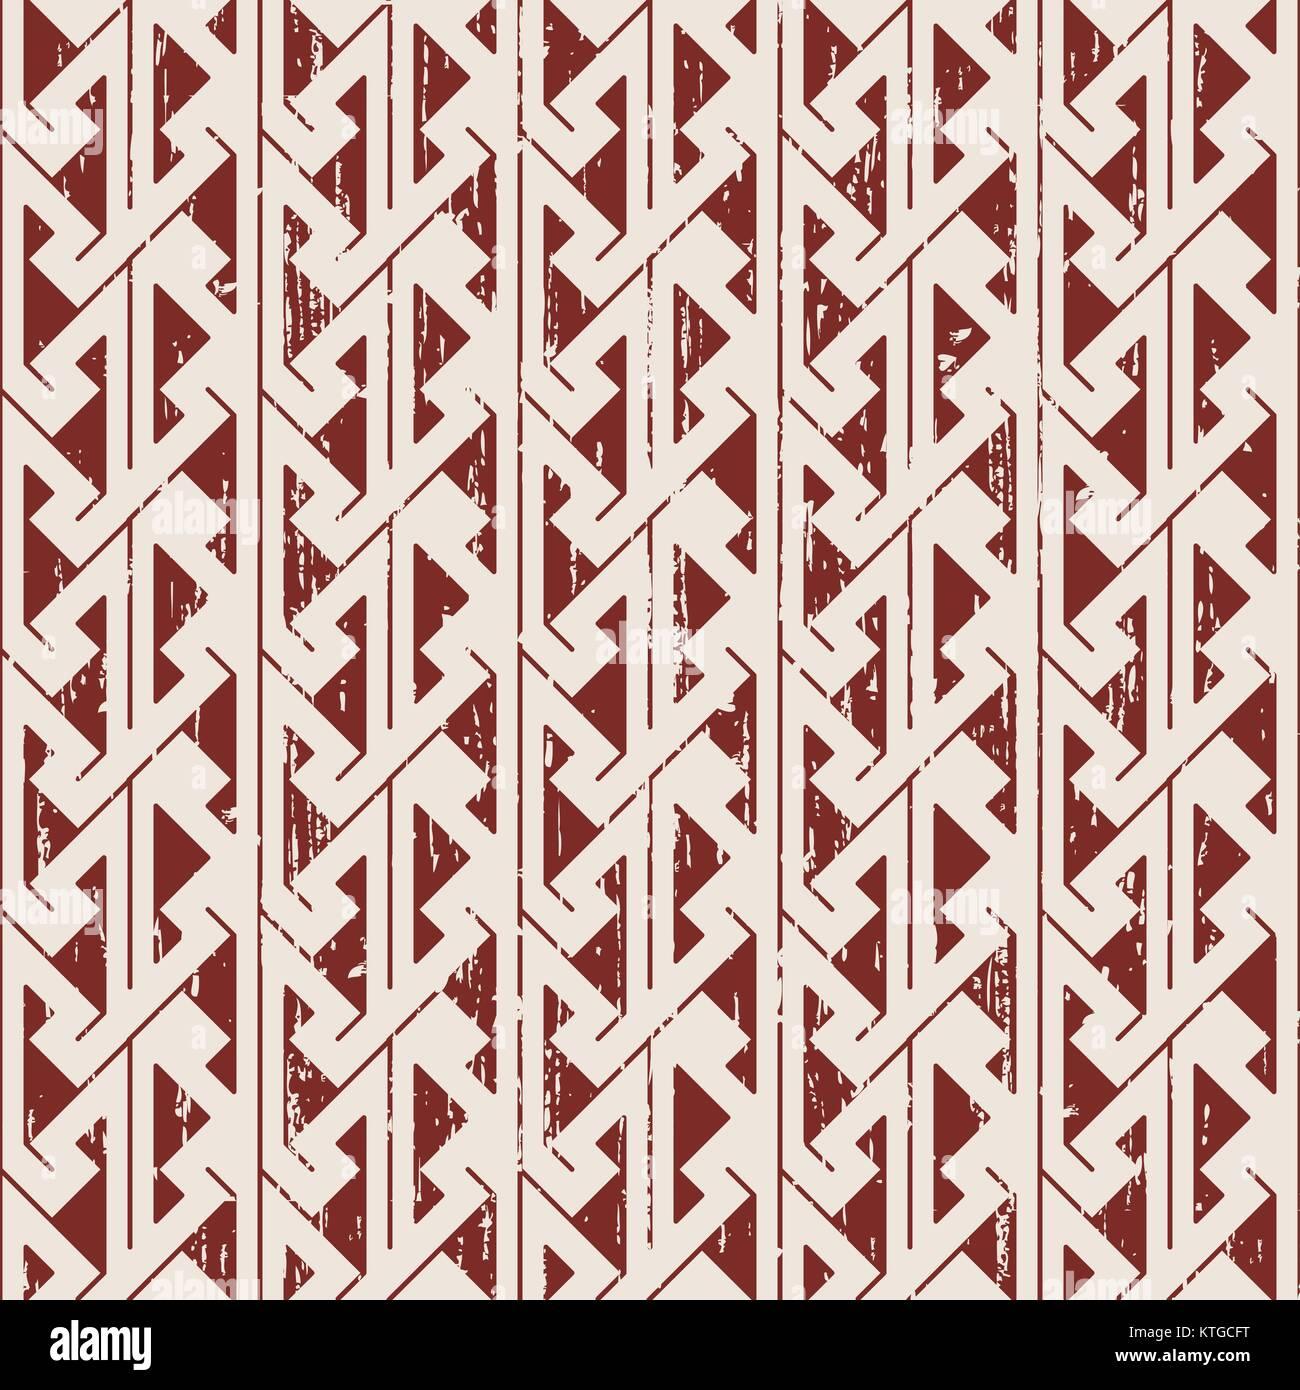 Seamless usurata a dente di sega di geometria aborigena sfondo pattern Immagini Stock